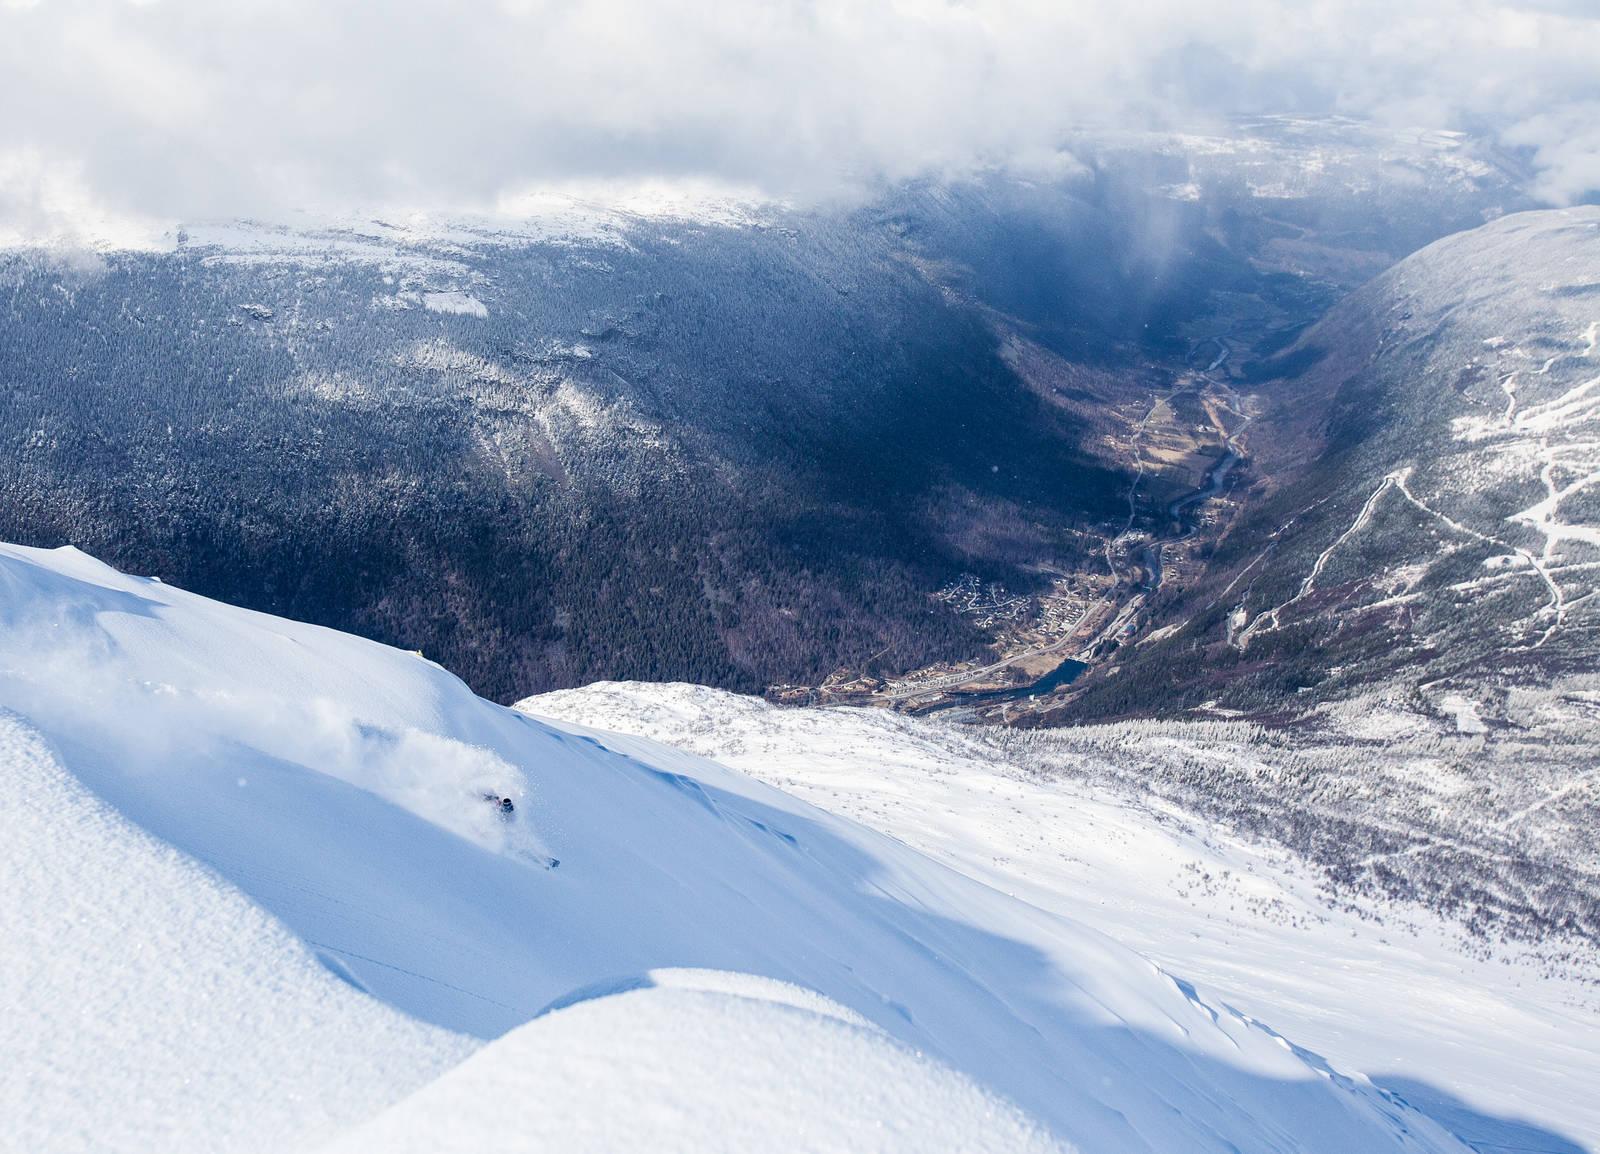 Det sies at man kan se hele 1/6 av Norge fra toppen av Gaustatoppen. Sondre Bjørkheim så knapt skituppene sine da dette bildet ble tatt. Bilde: Christian Nerdrum